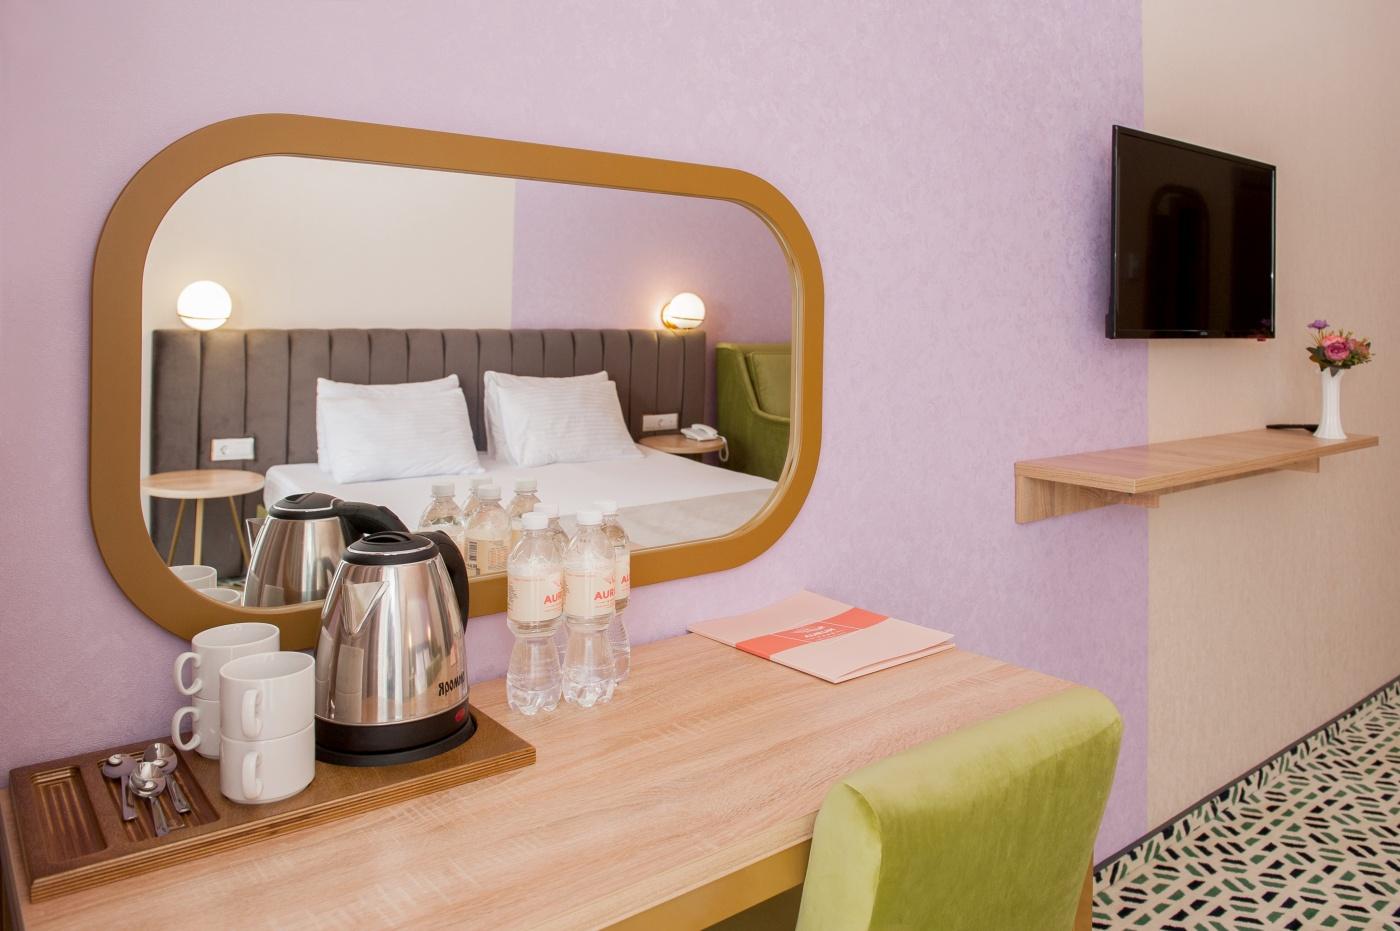 Отель «Aurum Family Resort & Spa» Краснодарский край Junior suite 2-местный , фото 3